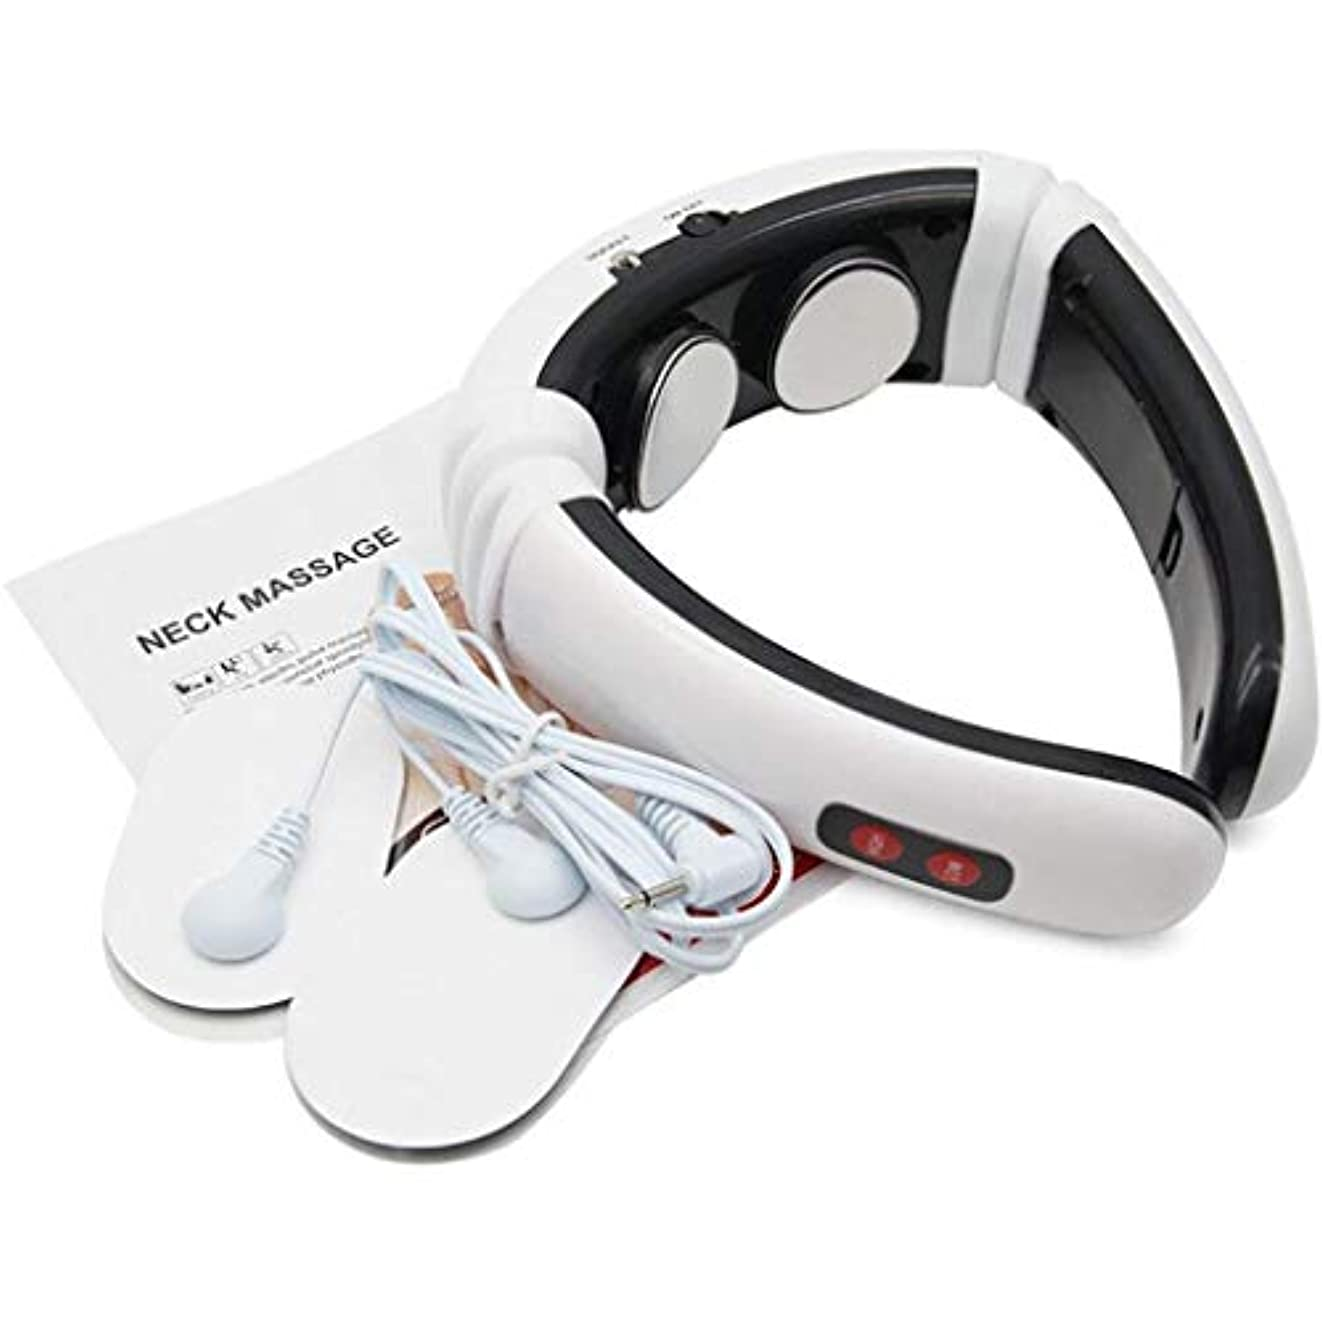 メイド霜特許ネックマッサージャー、インテリジェント電気子宮頸マッサージ、赤外線マッサージは、痛みを和らげる、プレッシャーをリラックス